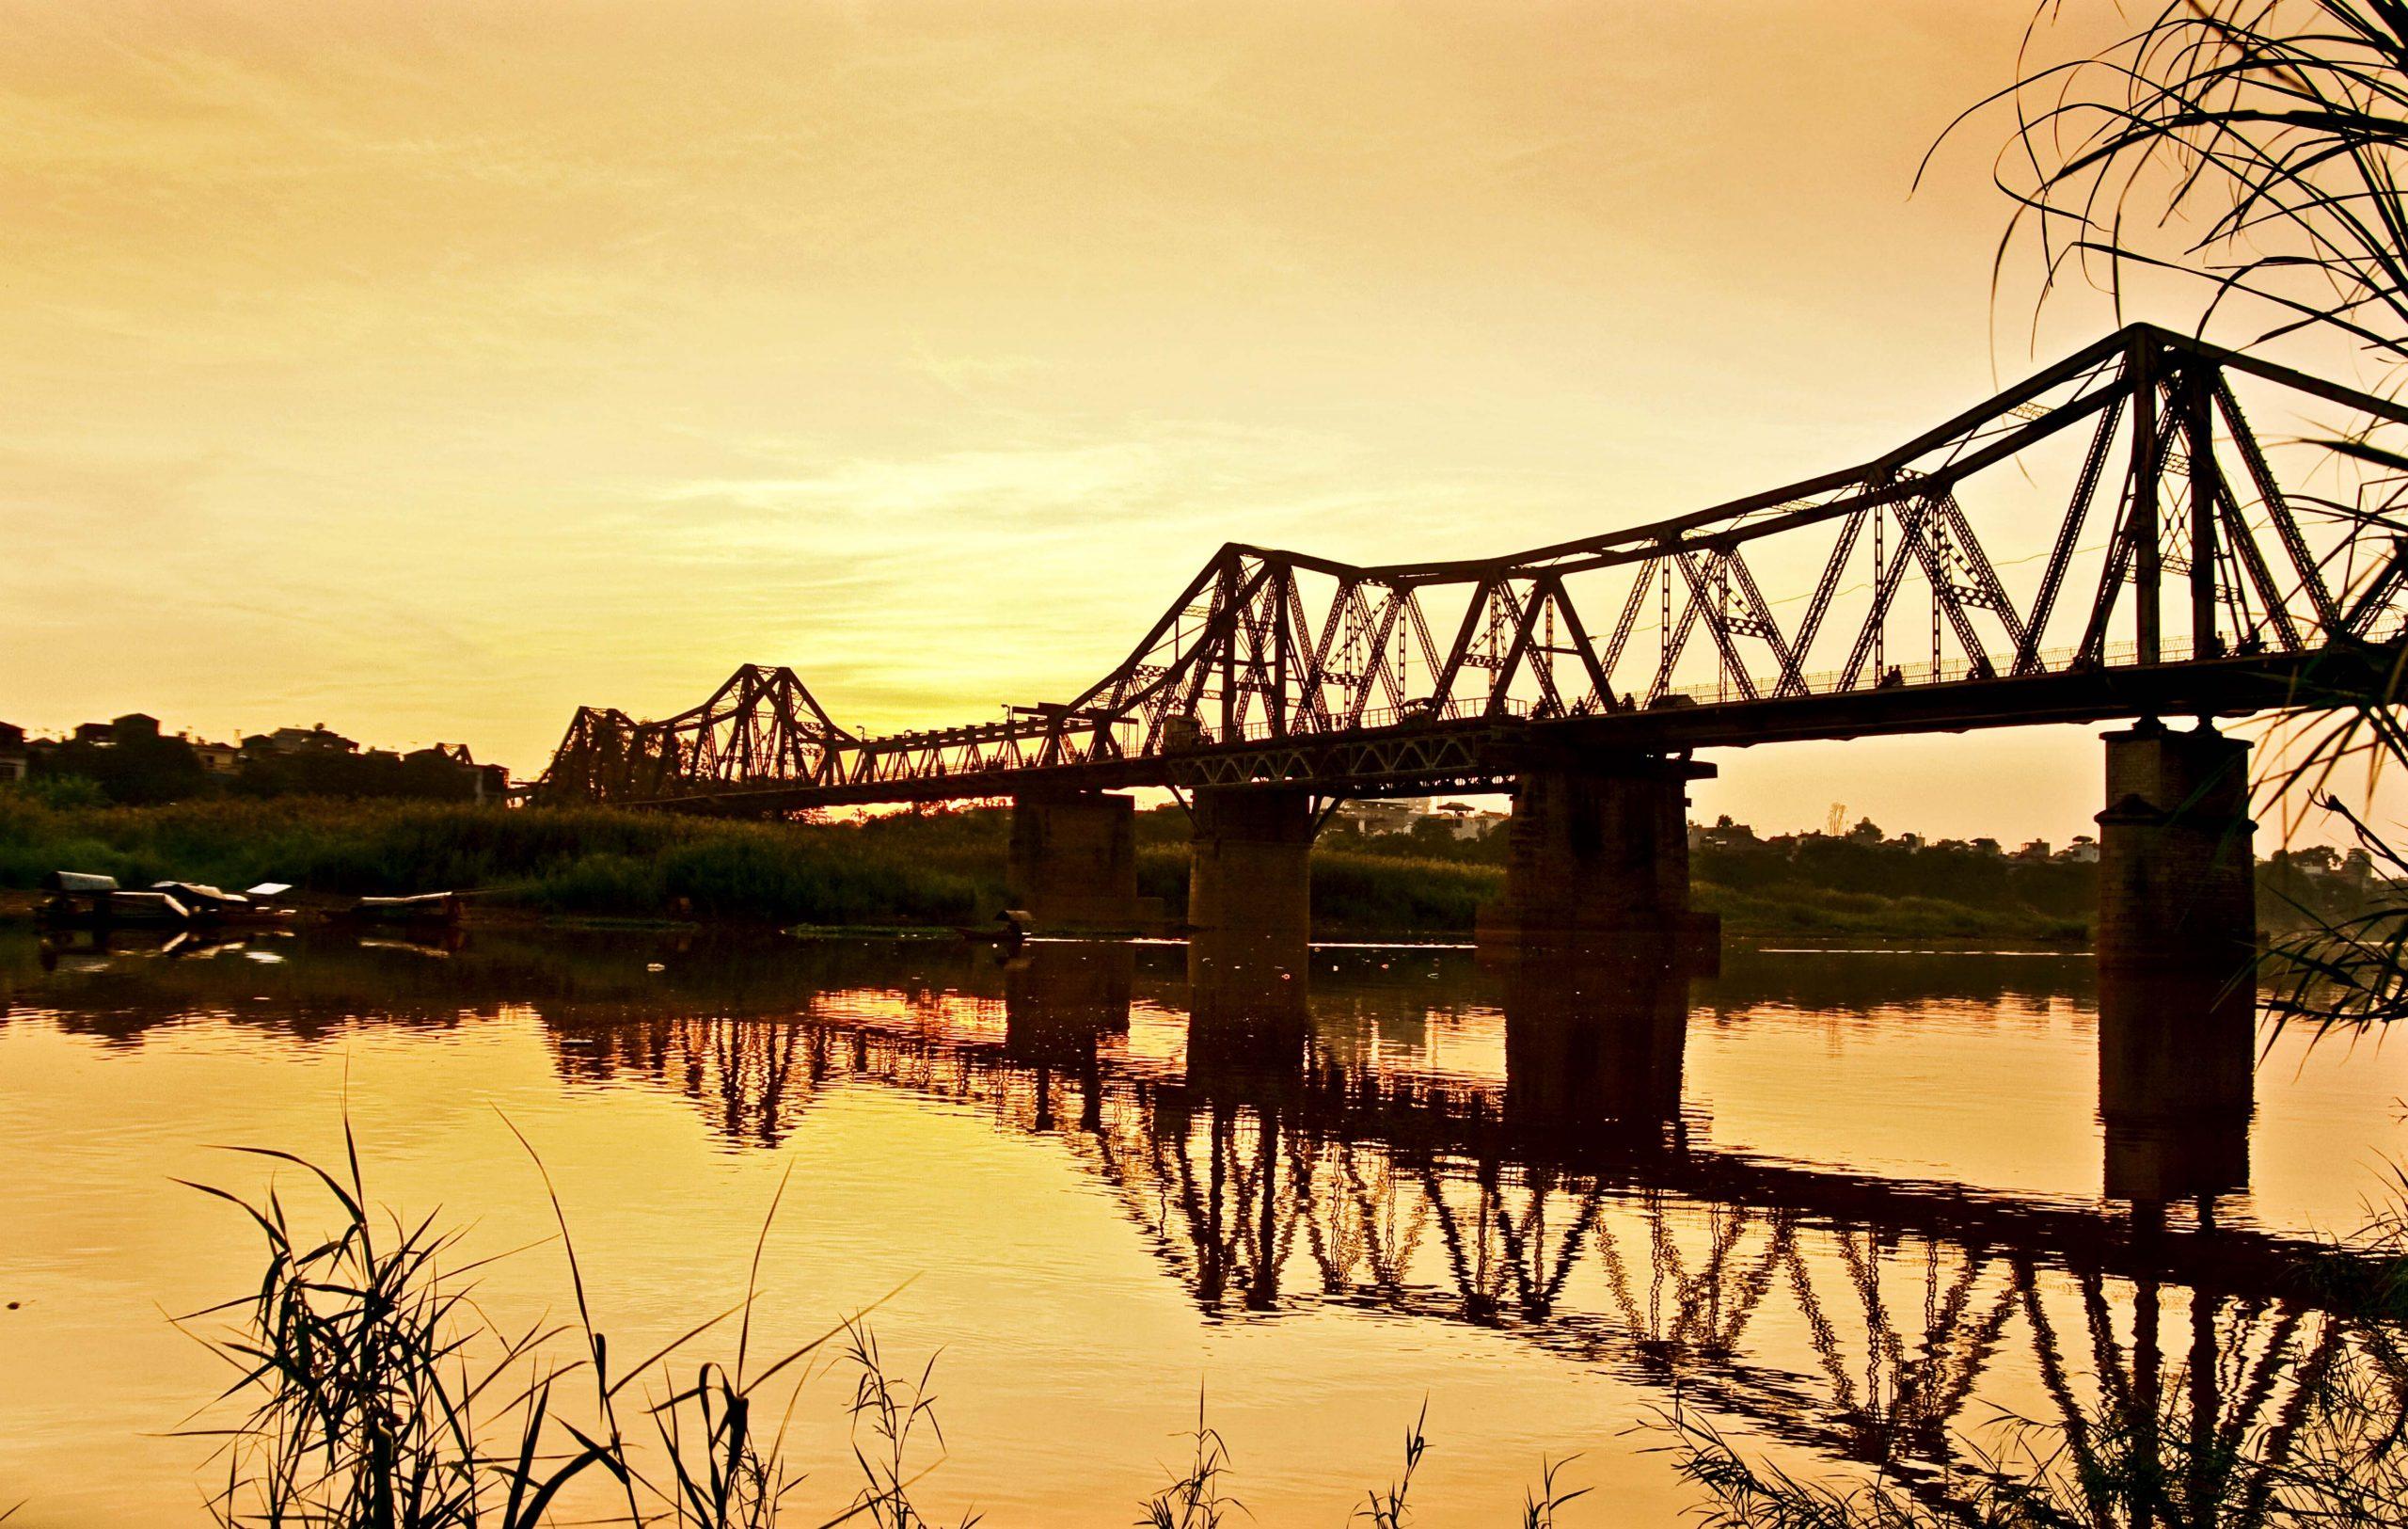 Hình ảnh đẹp cầu Long Biên